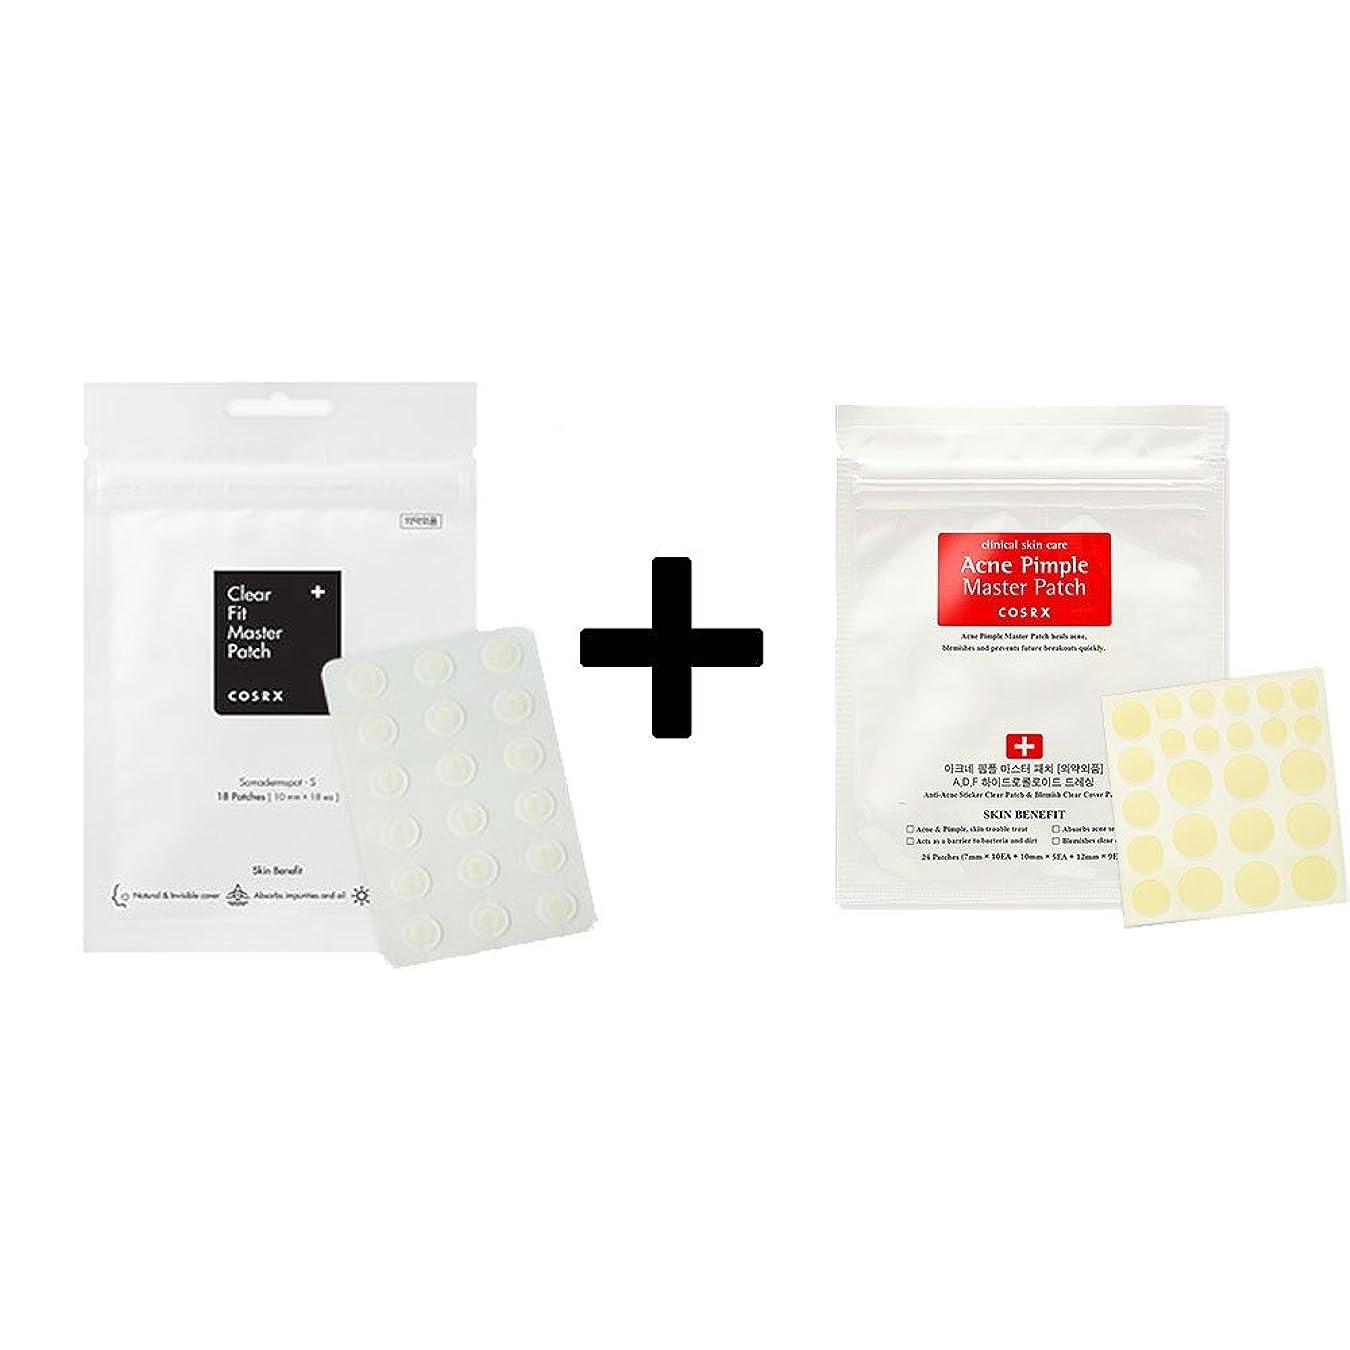 スケルトンポーチ開発COSRX Acne Pimple Master Patch 1EA + Clear Fit Master Patch 1EA/COSRX アクネ ピンプル マスター パッチ 1枚 + クリア フィット マスター パッチ 1枚 [並行輸入品]